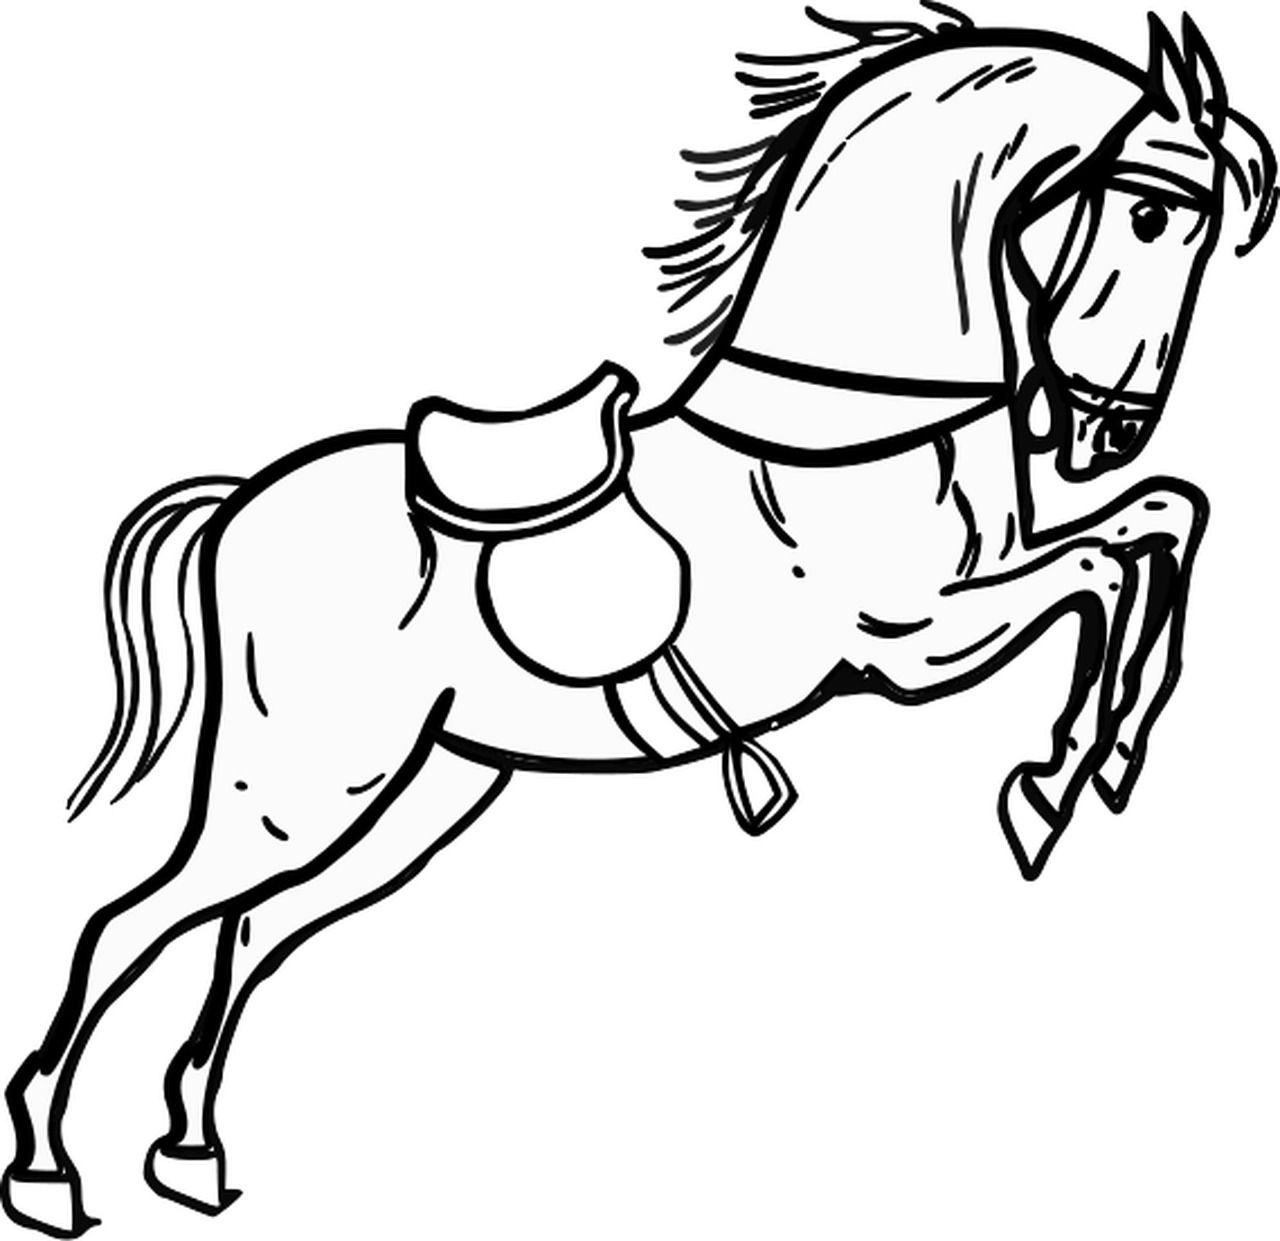 Kun Omalovanka Hledat Googlem Omalovanky Sablony Horse